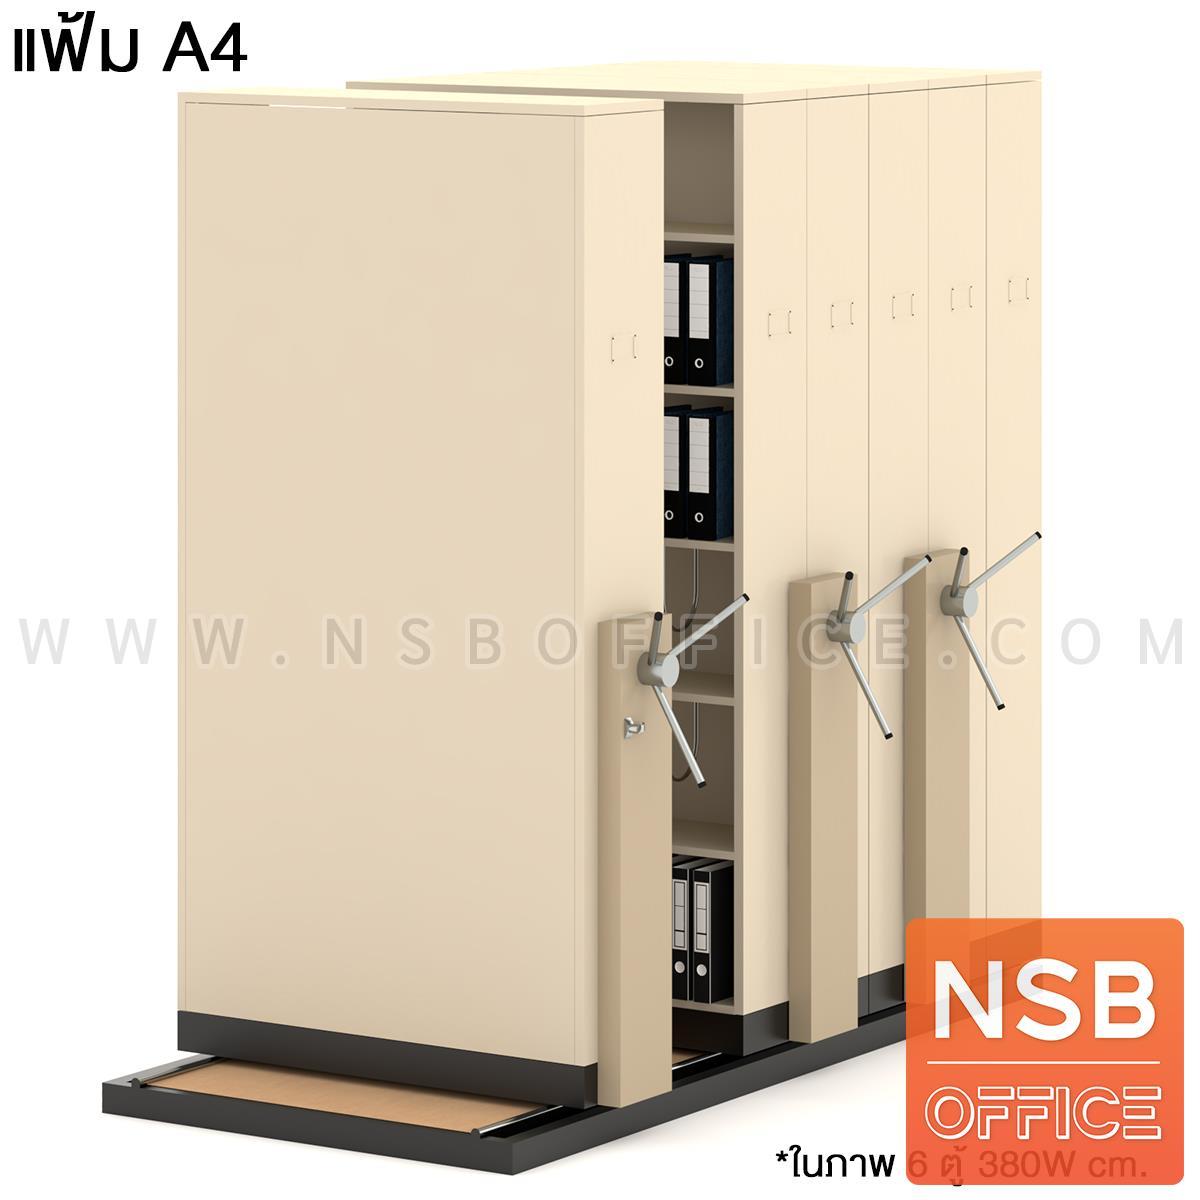 D02A026:ตู้รางเลื่อนแบบพวงมาลัย 1 ตอน  121.7D cm ขนาด 6 ,8 ,10 ,12 ,14 ,16 ตู้